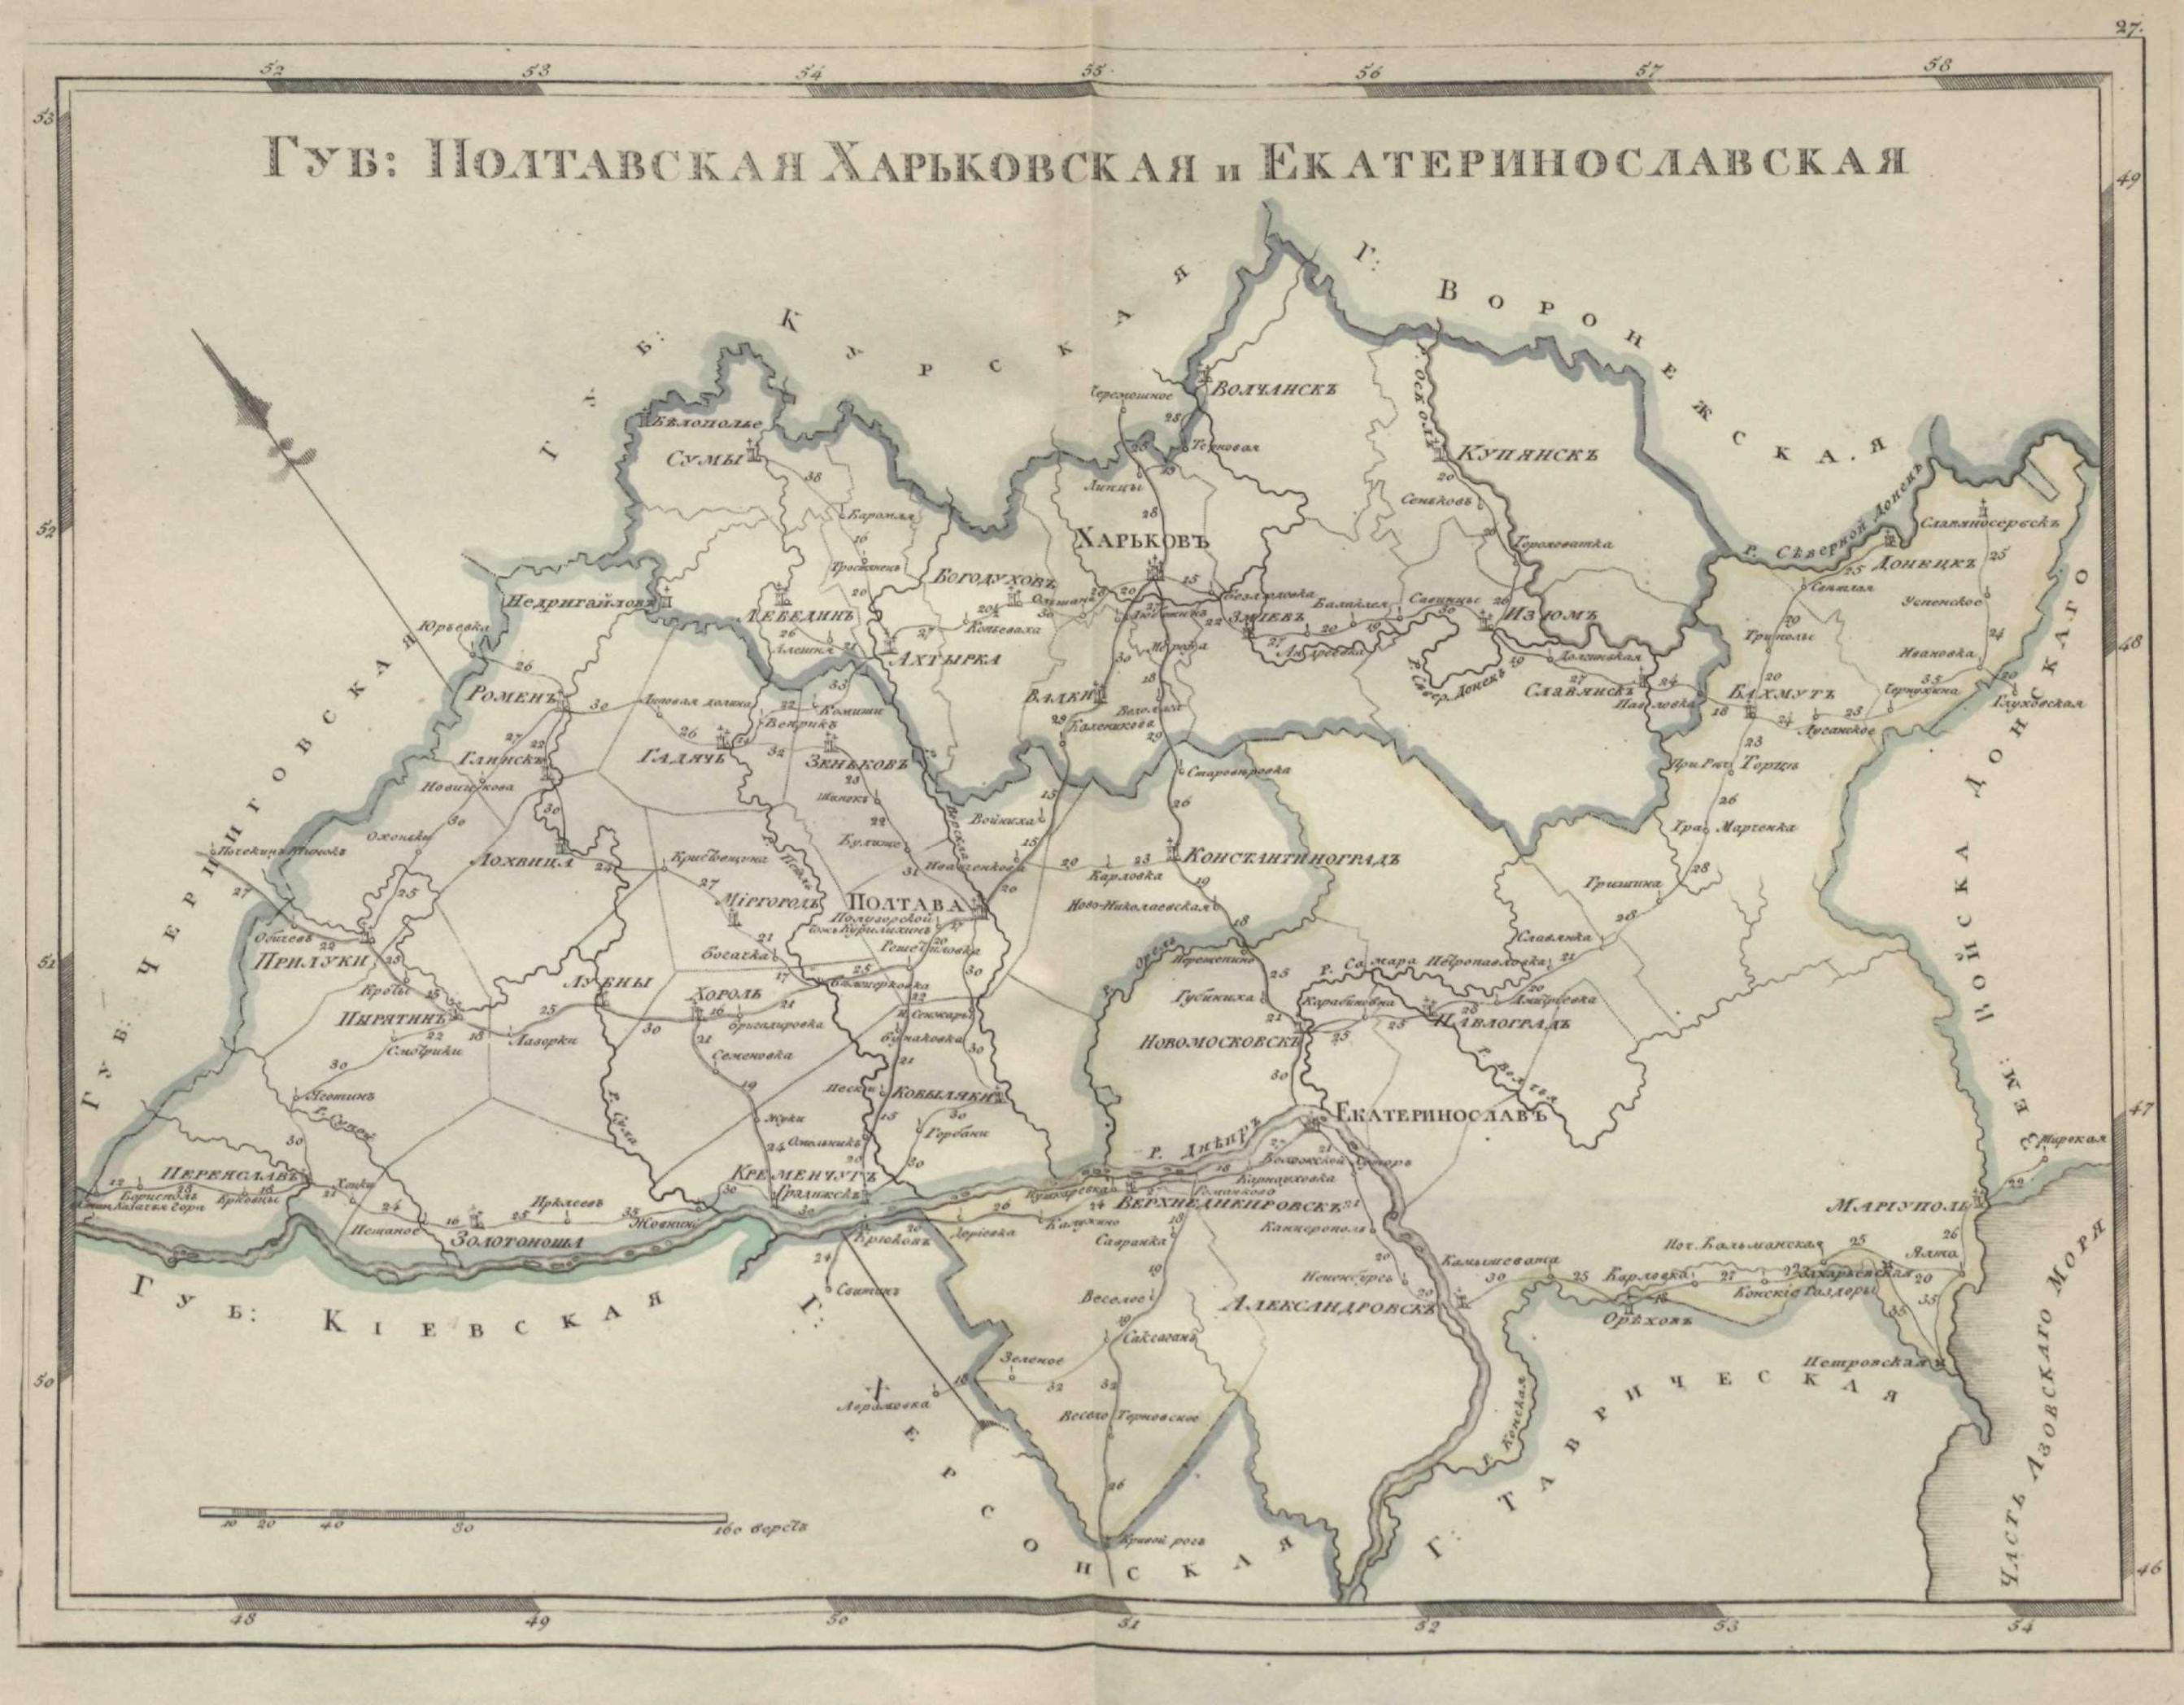 Полставская, Харьковская и Екатеринославская губернии